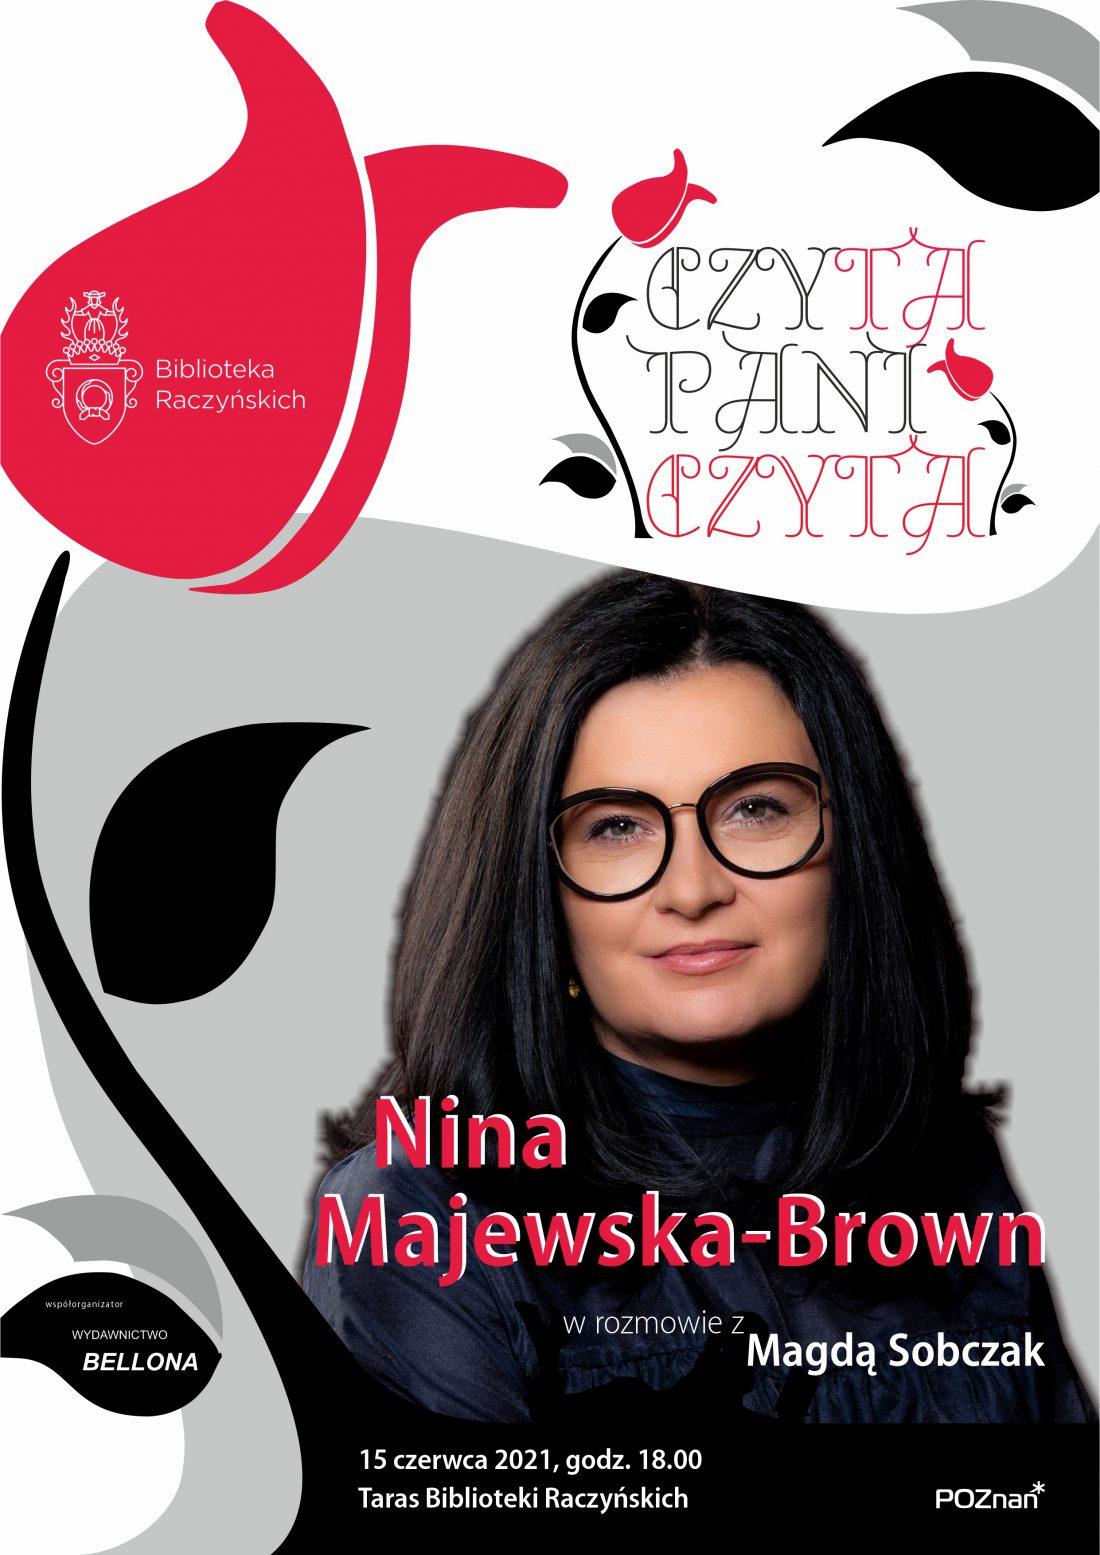 Spotkanie z Niną Majewską-Brow